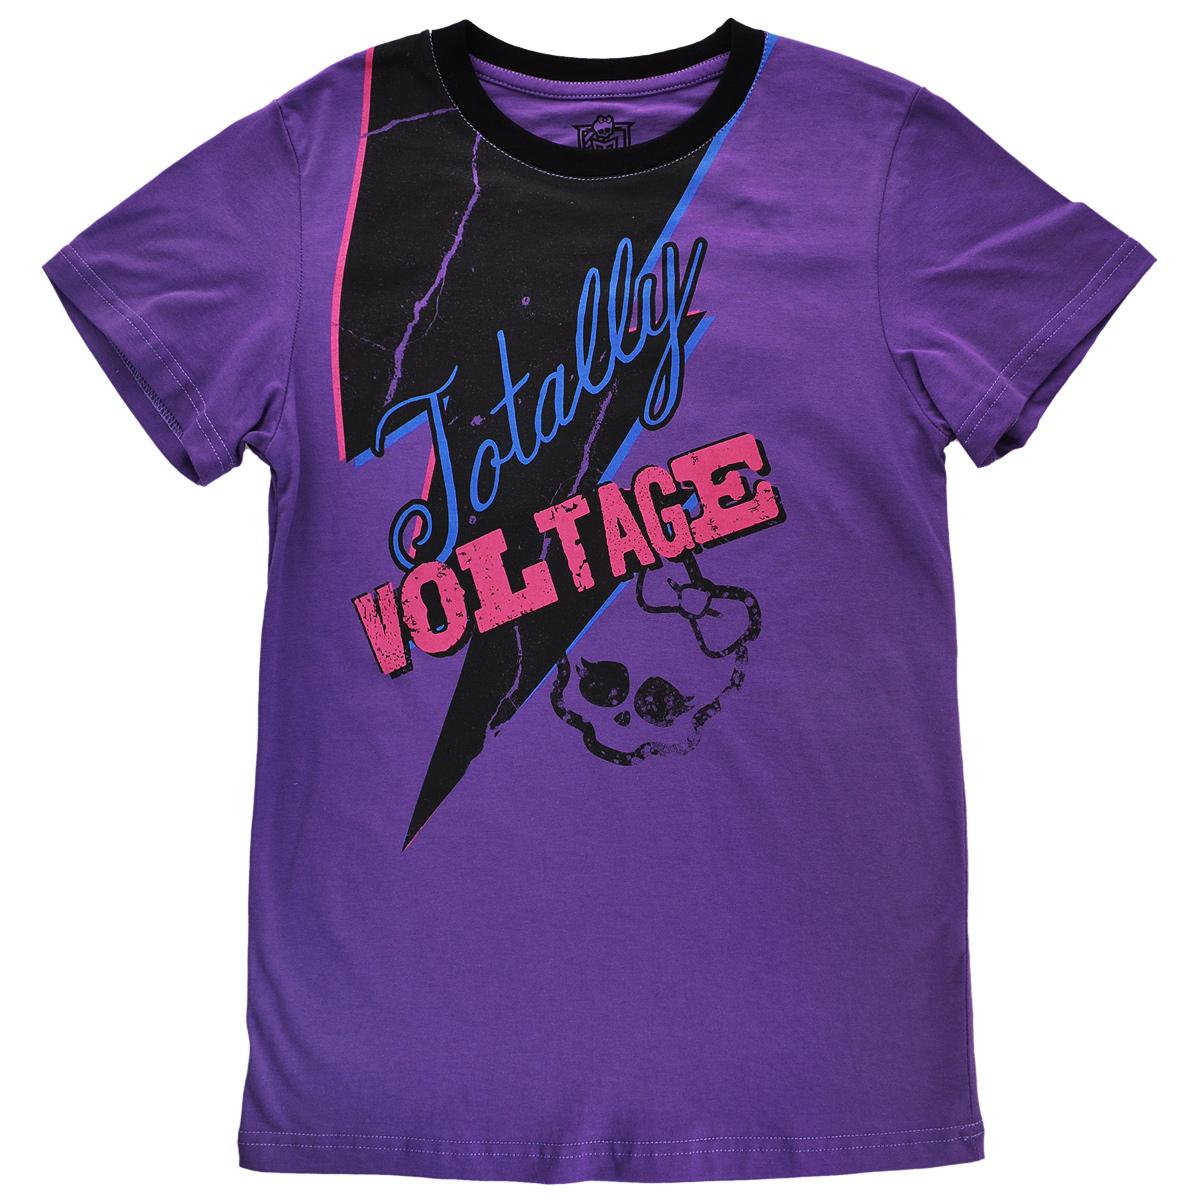 Футболка для девочки. MH-TSG46MH-TSG46-FIOСтильная футболка для девочки Monster High идеально подойдет вашей маленькой моднице. Изготовленная из натурального хлопка, она необычайно мягкая и приятная на ощупь, не сковывает движения ребенка и позволяет коже дышать, не раздражает даже самую нежную и чувствительную кожу, обеспечивая наибольший комфорт. Футболка свободного кроя с короткими рукавами и круглым вырезом горловины спереди оформлена оригинальным принтом. Вырез горловины дополнен трикотажной эластичной резинкой. Оригинальный современный дизайн и модная расцветка делают эту футболку модным и стильным предметом детского гардероба. В ней ваша дочурка будет чувствовать себя уютно и комфортно, и всегда будет в центре внимания!